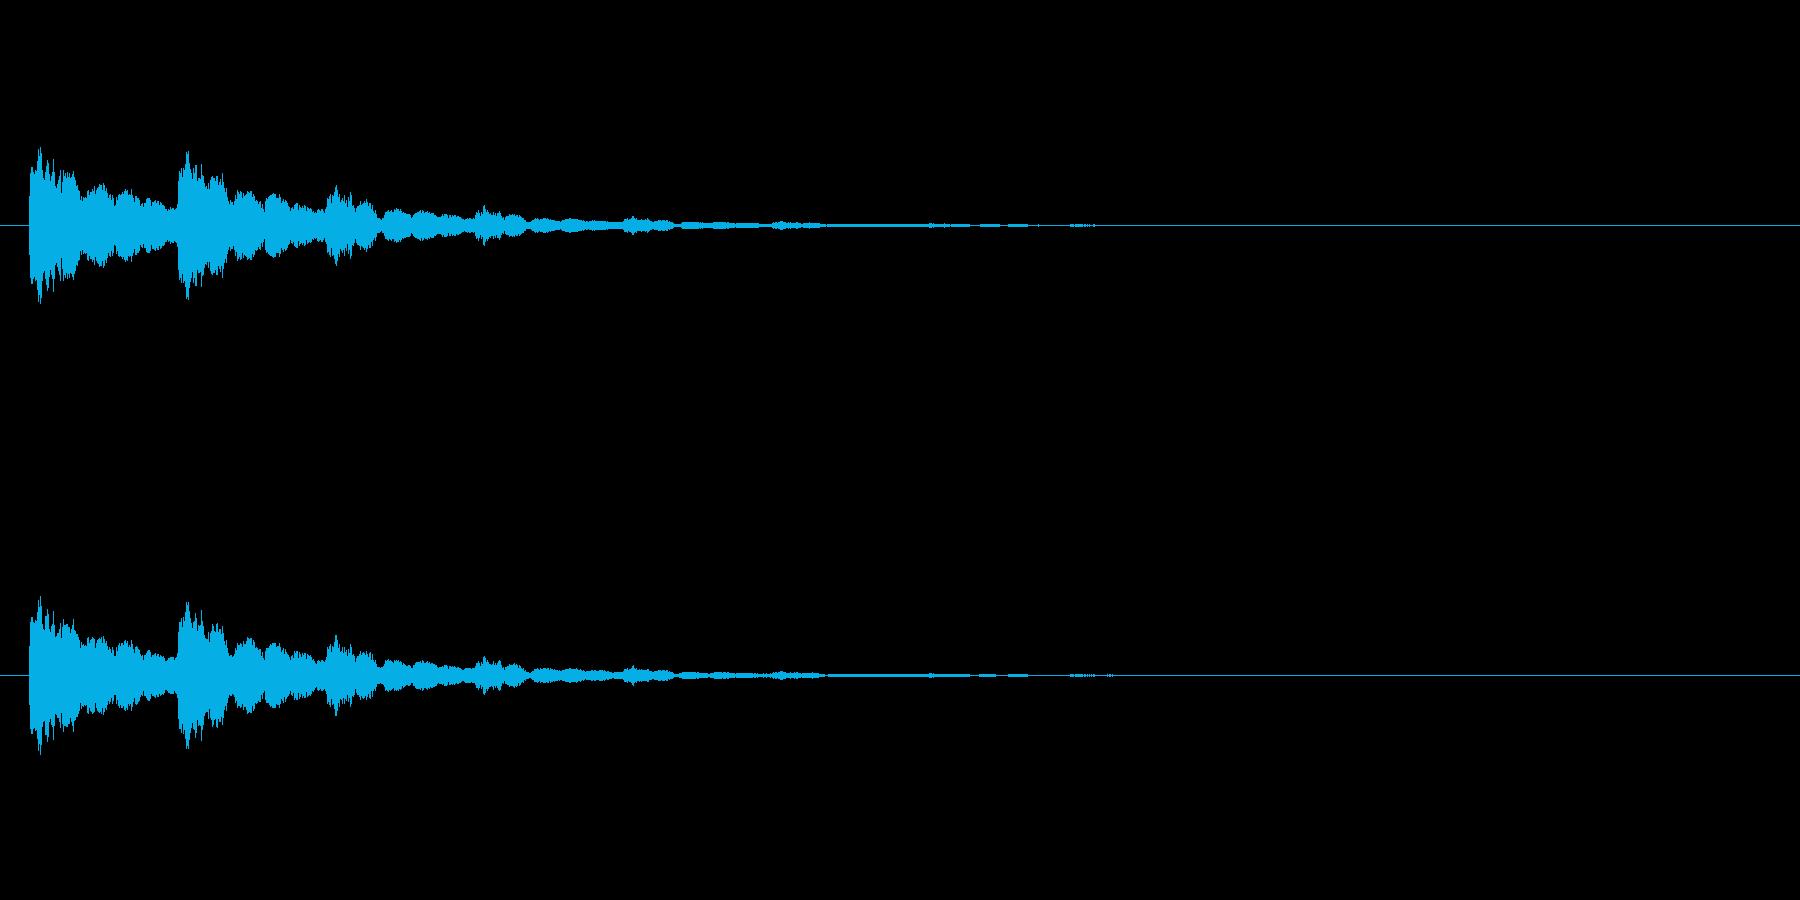 【ひらめき10-4】の再生済みの波形